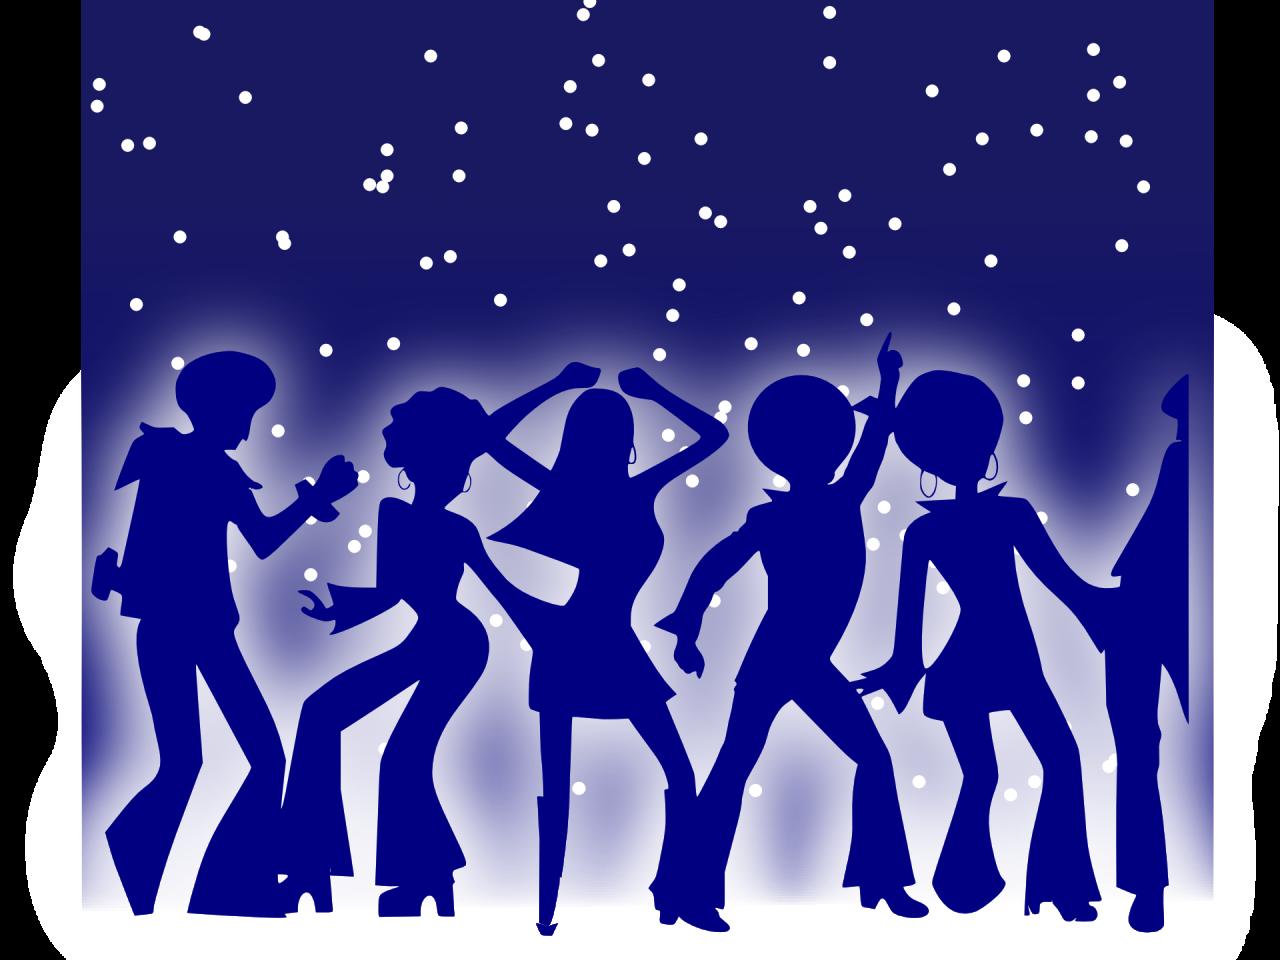 Grafisk billede af mennesker, der fester